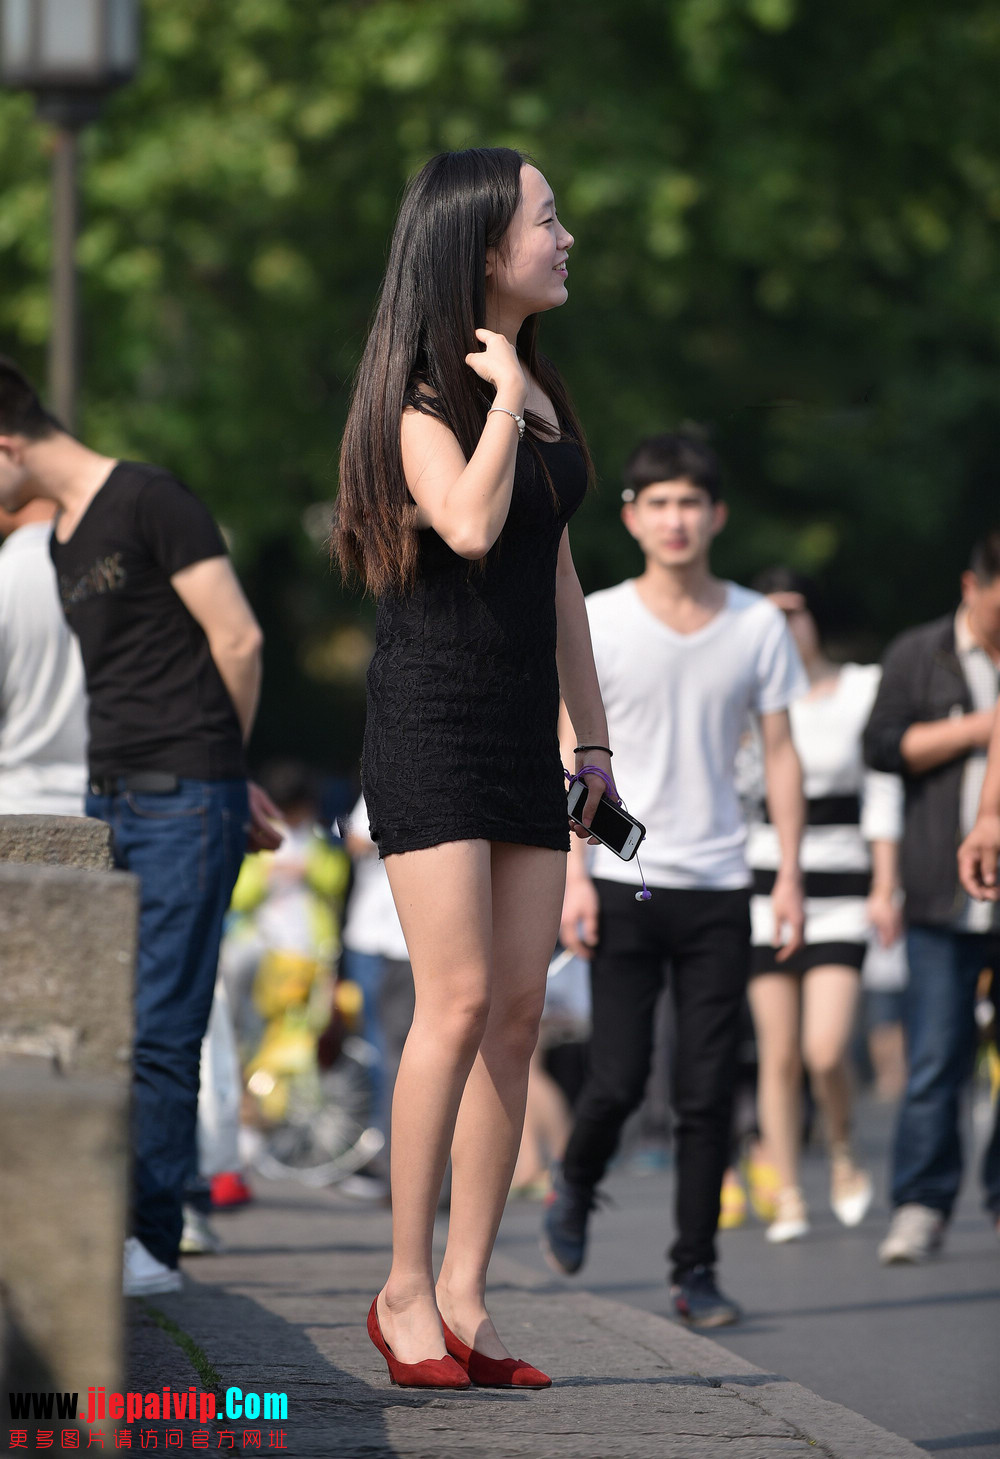 杭州街头街拍气质短裙美女8